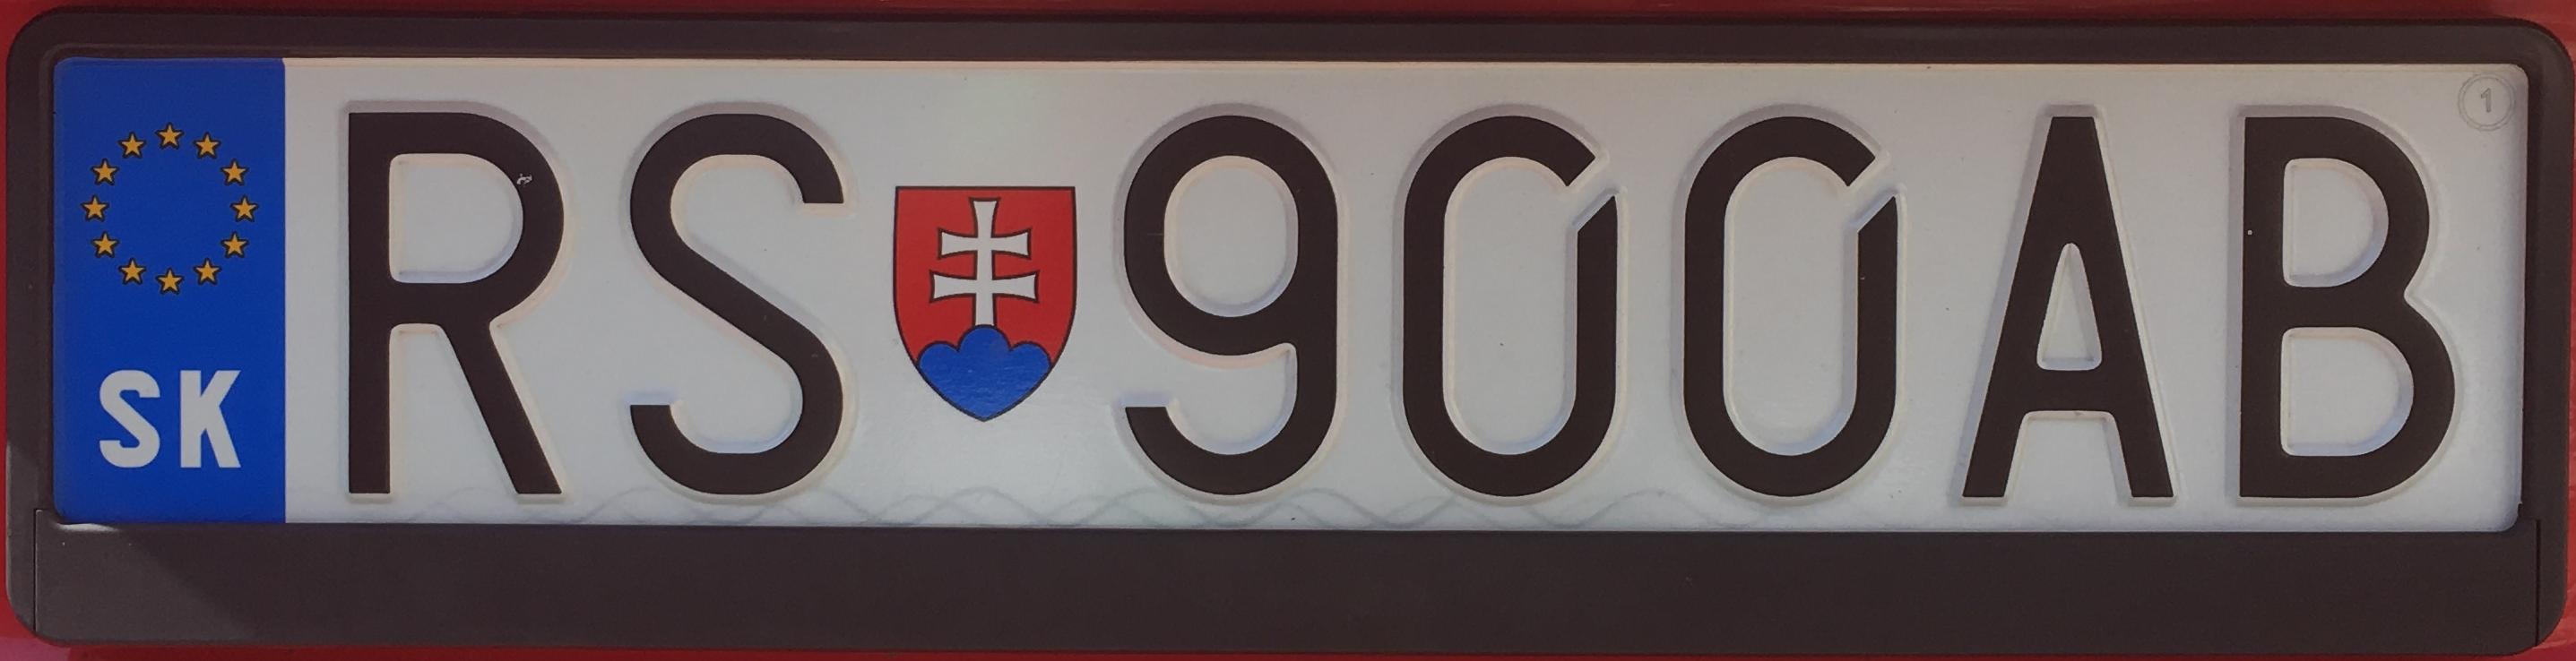 Registrační značka Slovensko - RS - Rimavská Sobota, foto: www.podalnici.cz